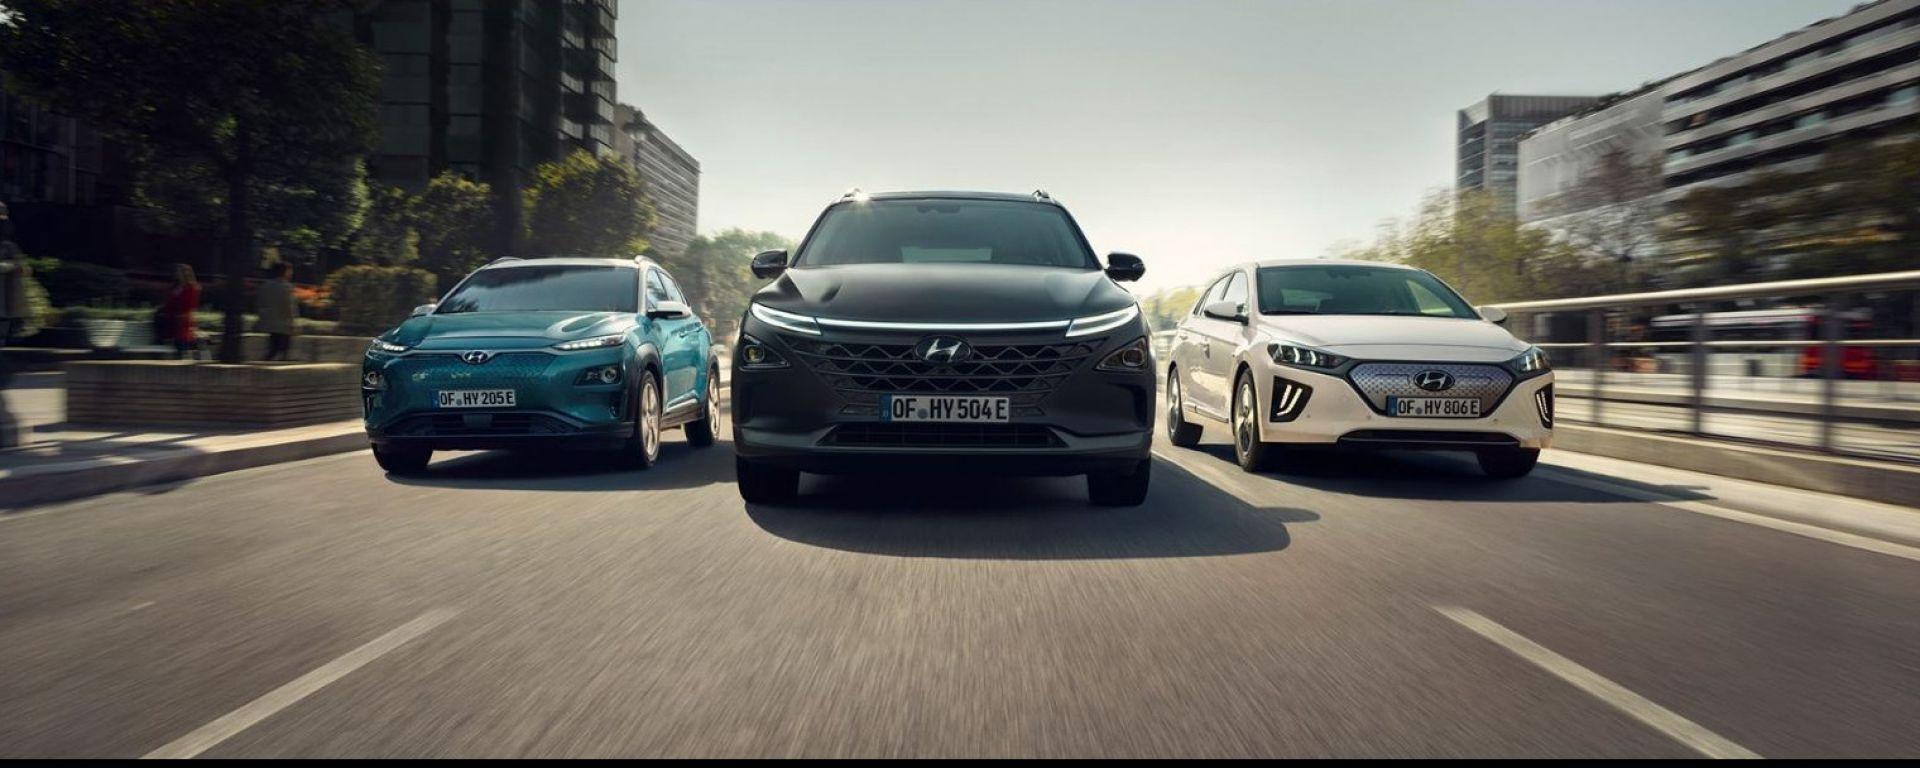 Hyundai Next Awaits 2019